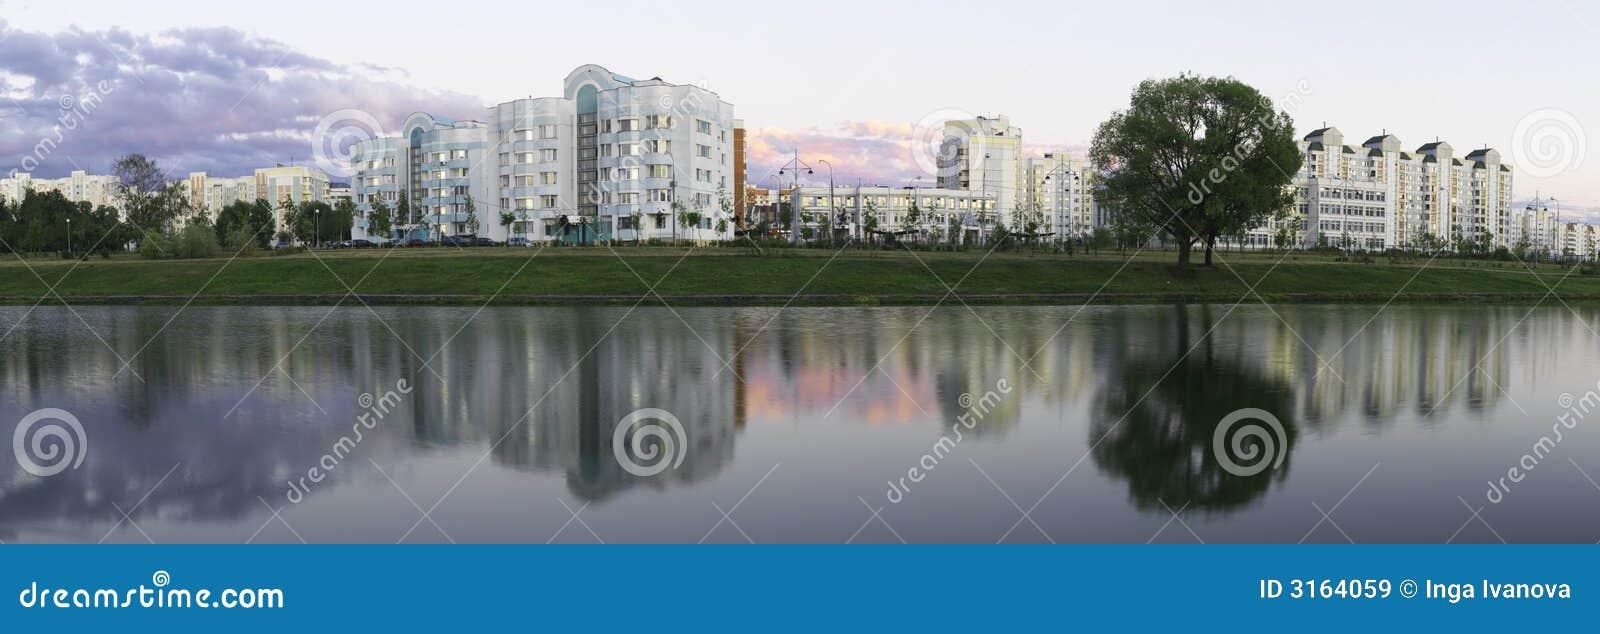 Panoramische Ansicht